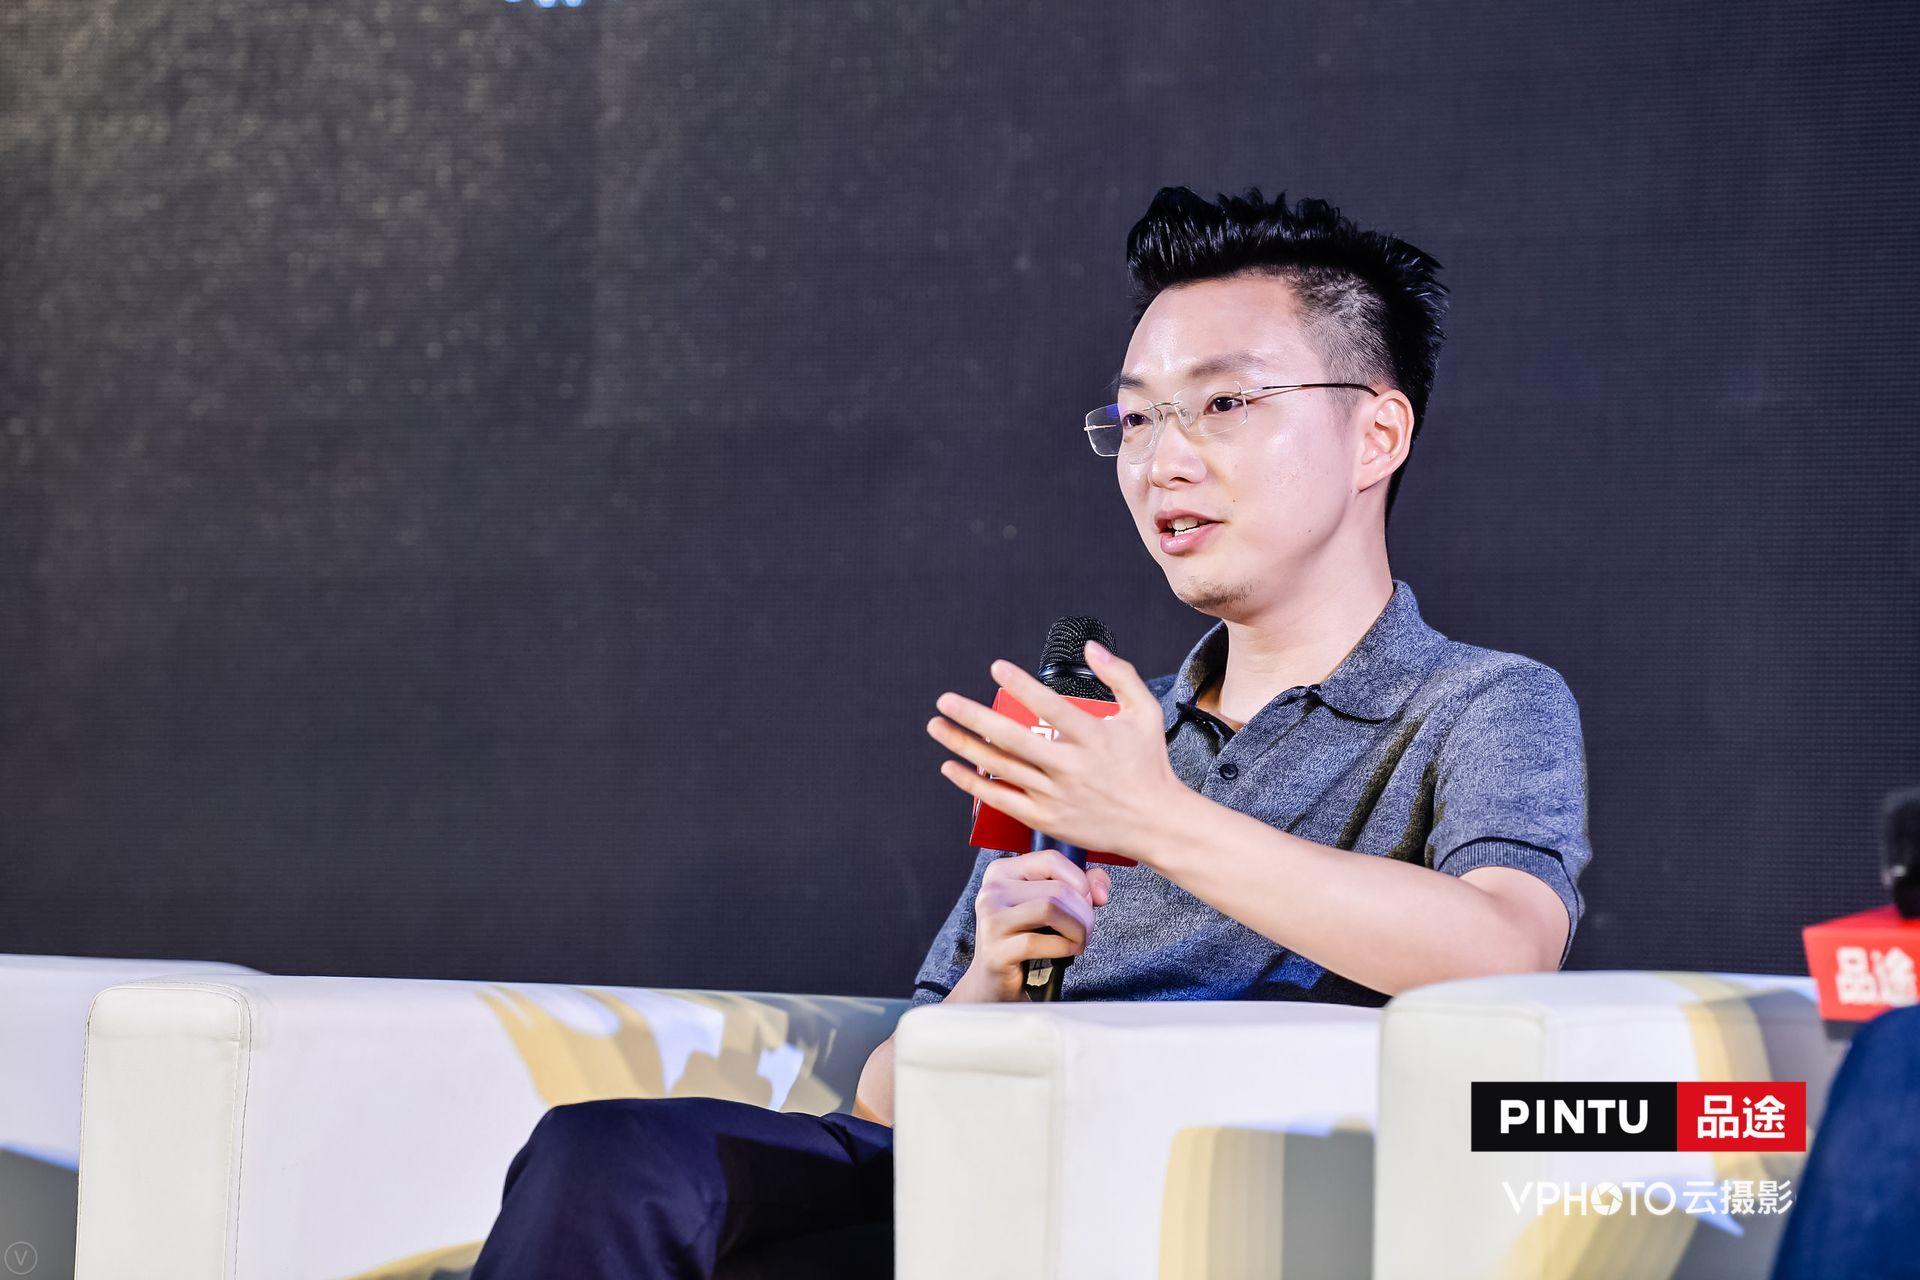 物灵科技创始人兼CEO顾嘉唯:万物有灵驱动AI场景价值创新